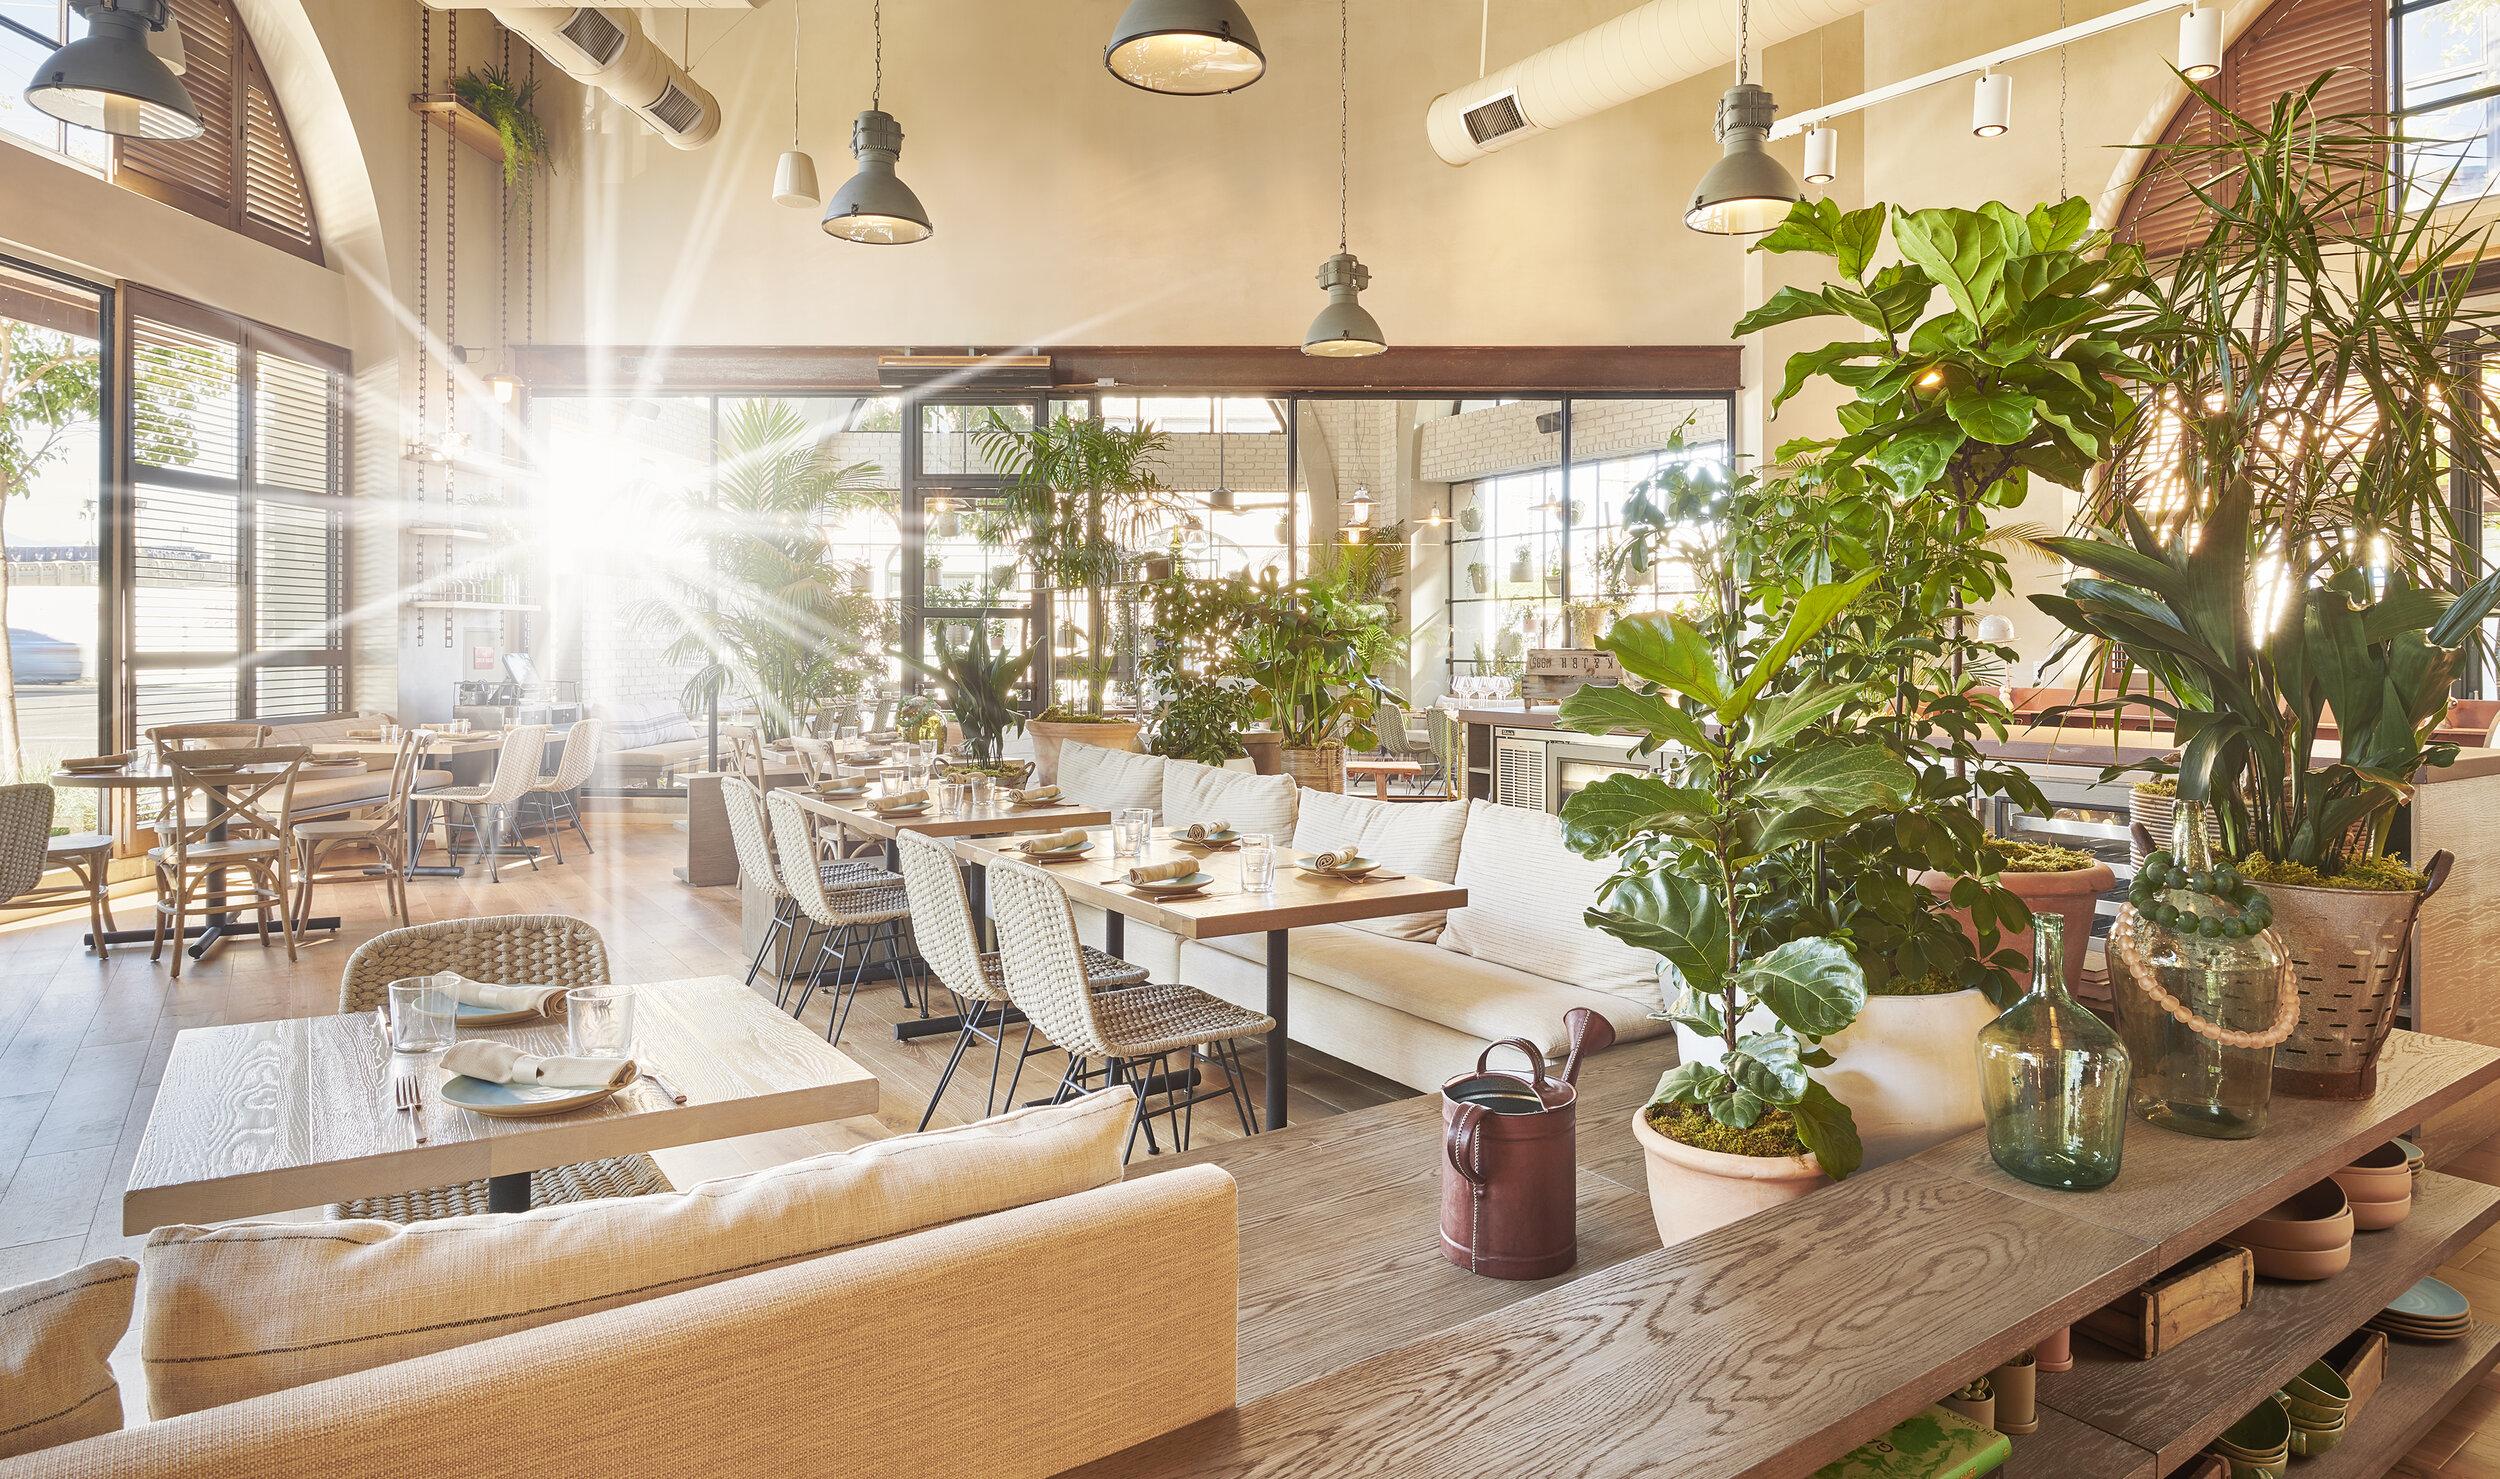 Hottest Restaurants in Chicago 2020